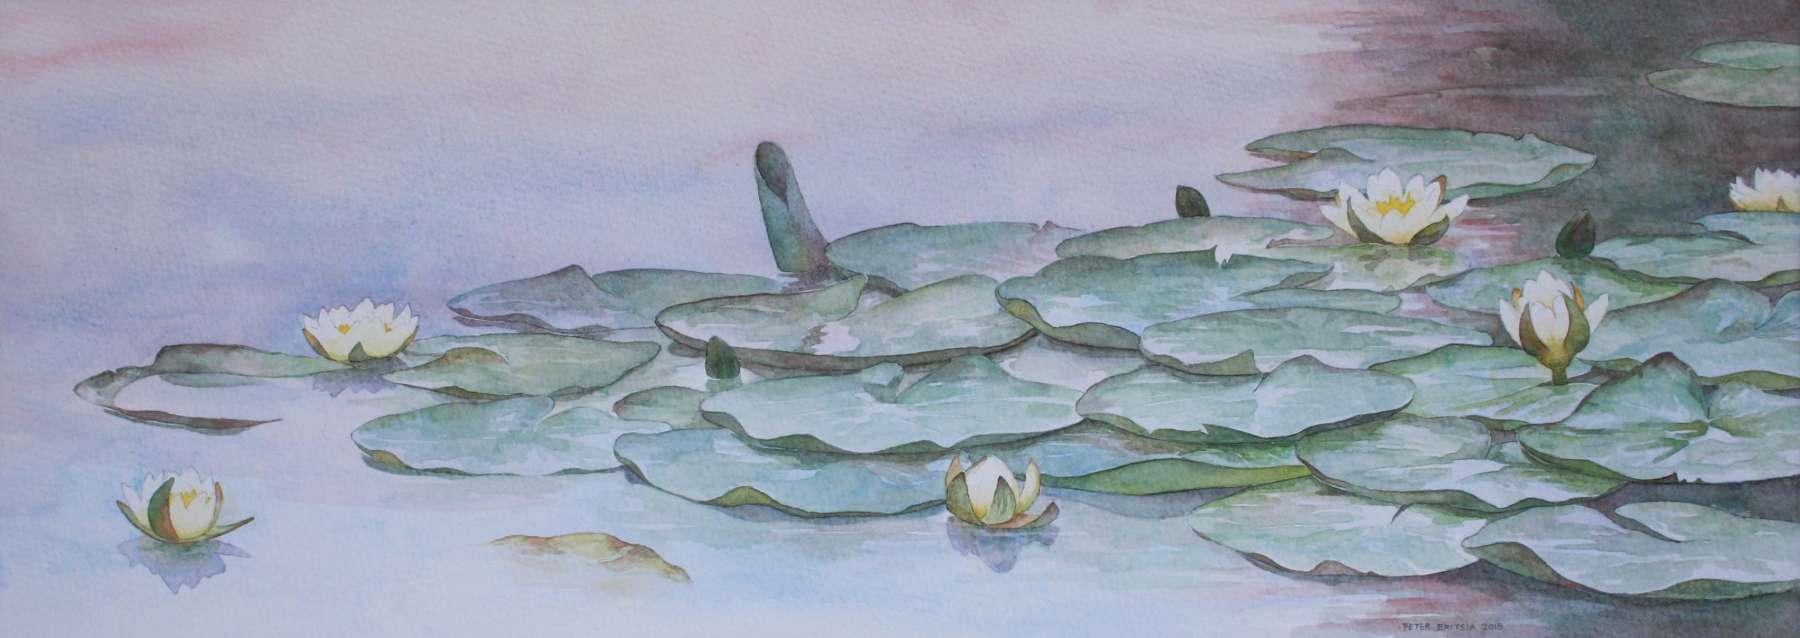 Waterlelies - aquarel - 60 x 22 cm.